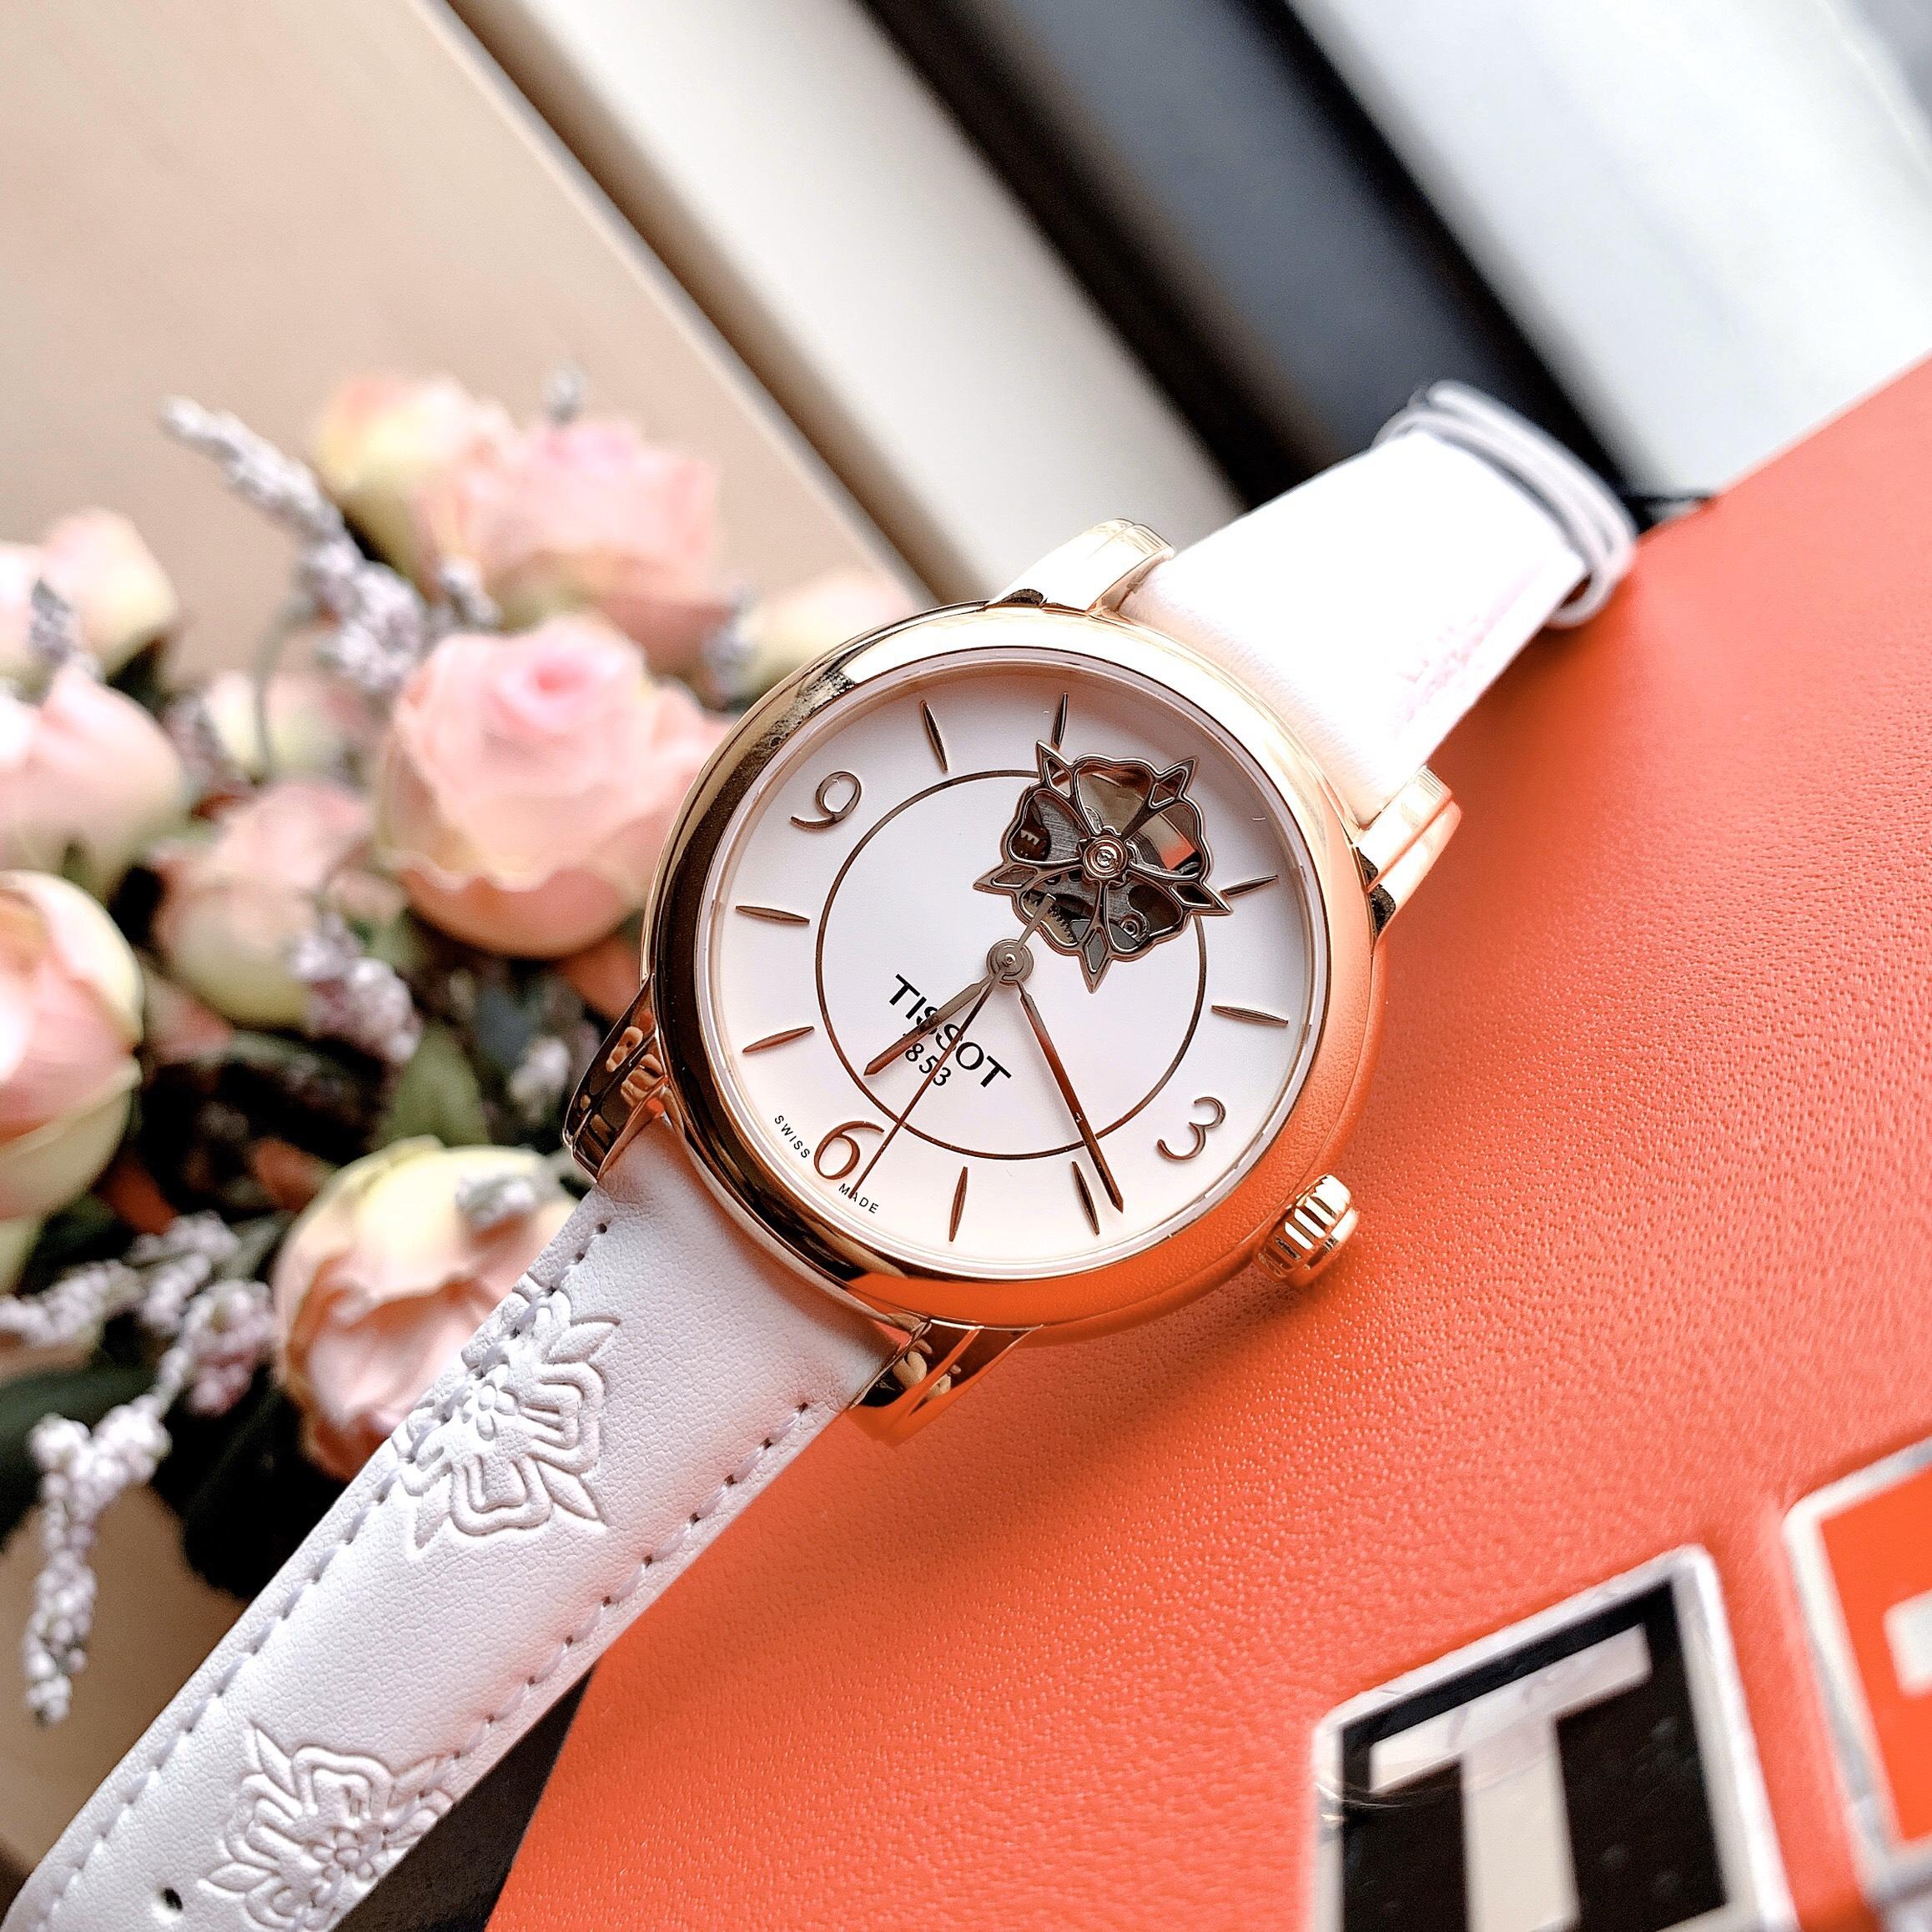 Đồng hồ Nữ Tissot 1853 Open Heart (Hở tim) Automatic T050.207.37.017.04 Mặt trắng-Máy cơ tự động-Dây da trắng cao cấp-Size 35mm